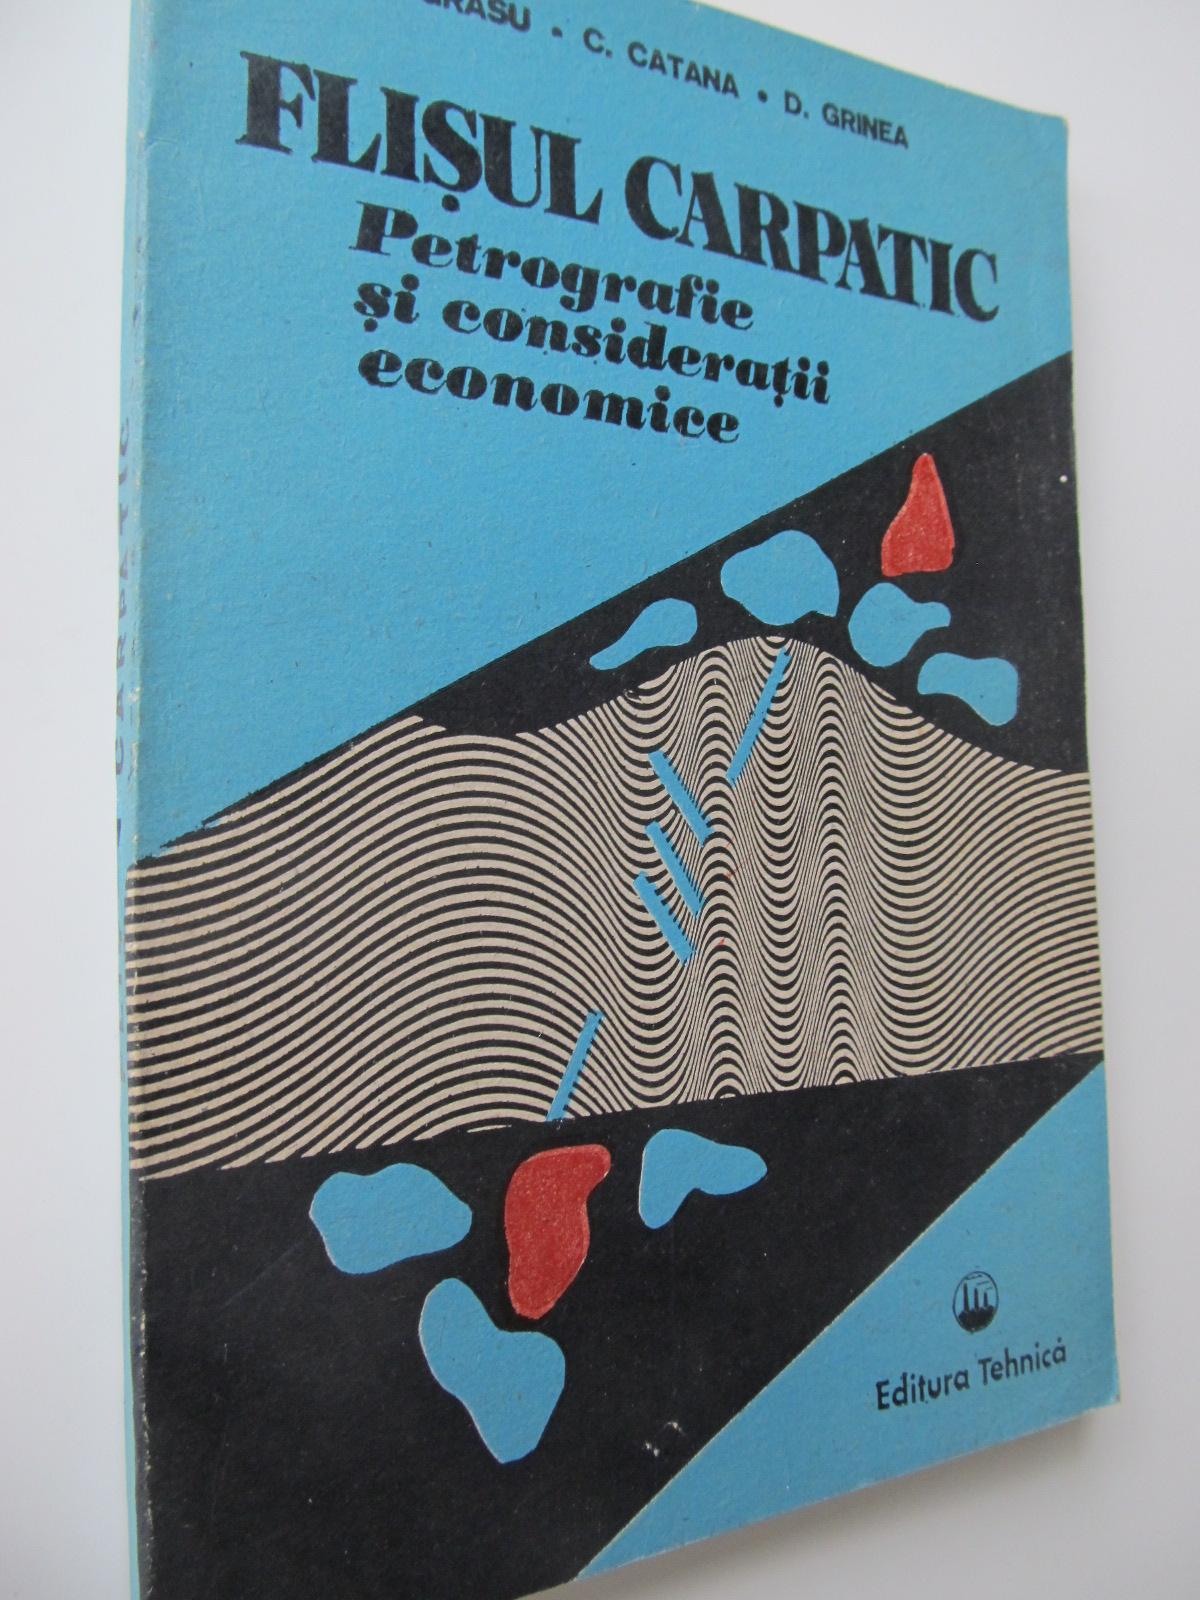 Flisul Carpatic - Petrografie si consideratii economice - C. Grasu , ... | Detalii carte